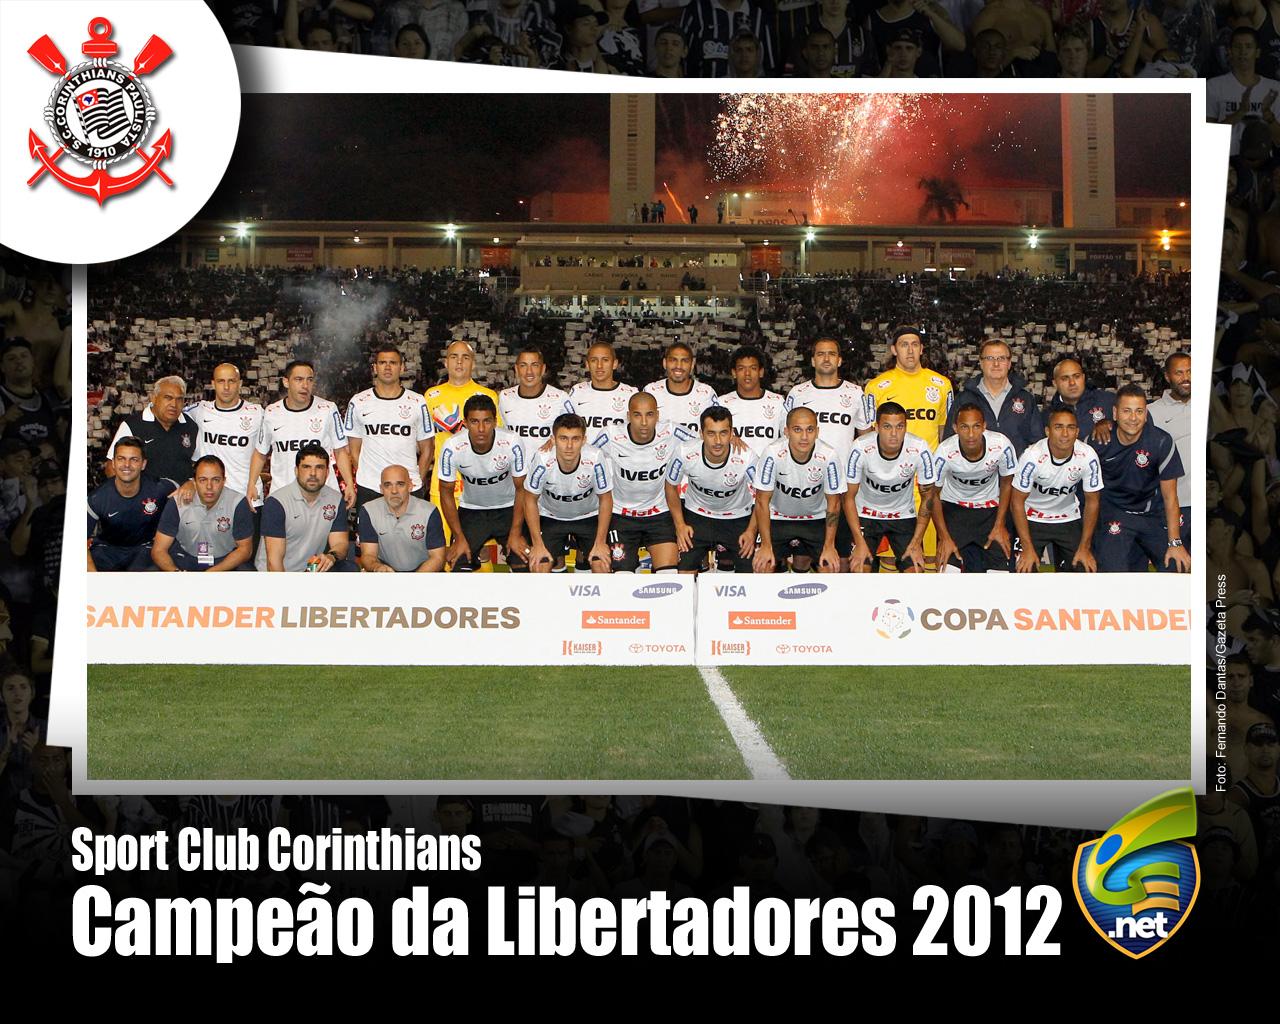 Wallpaper Corinthians Campeão da Libertadores 2012 - 08